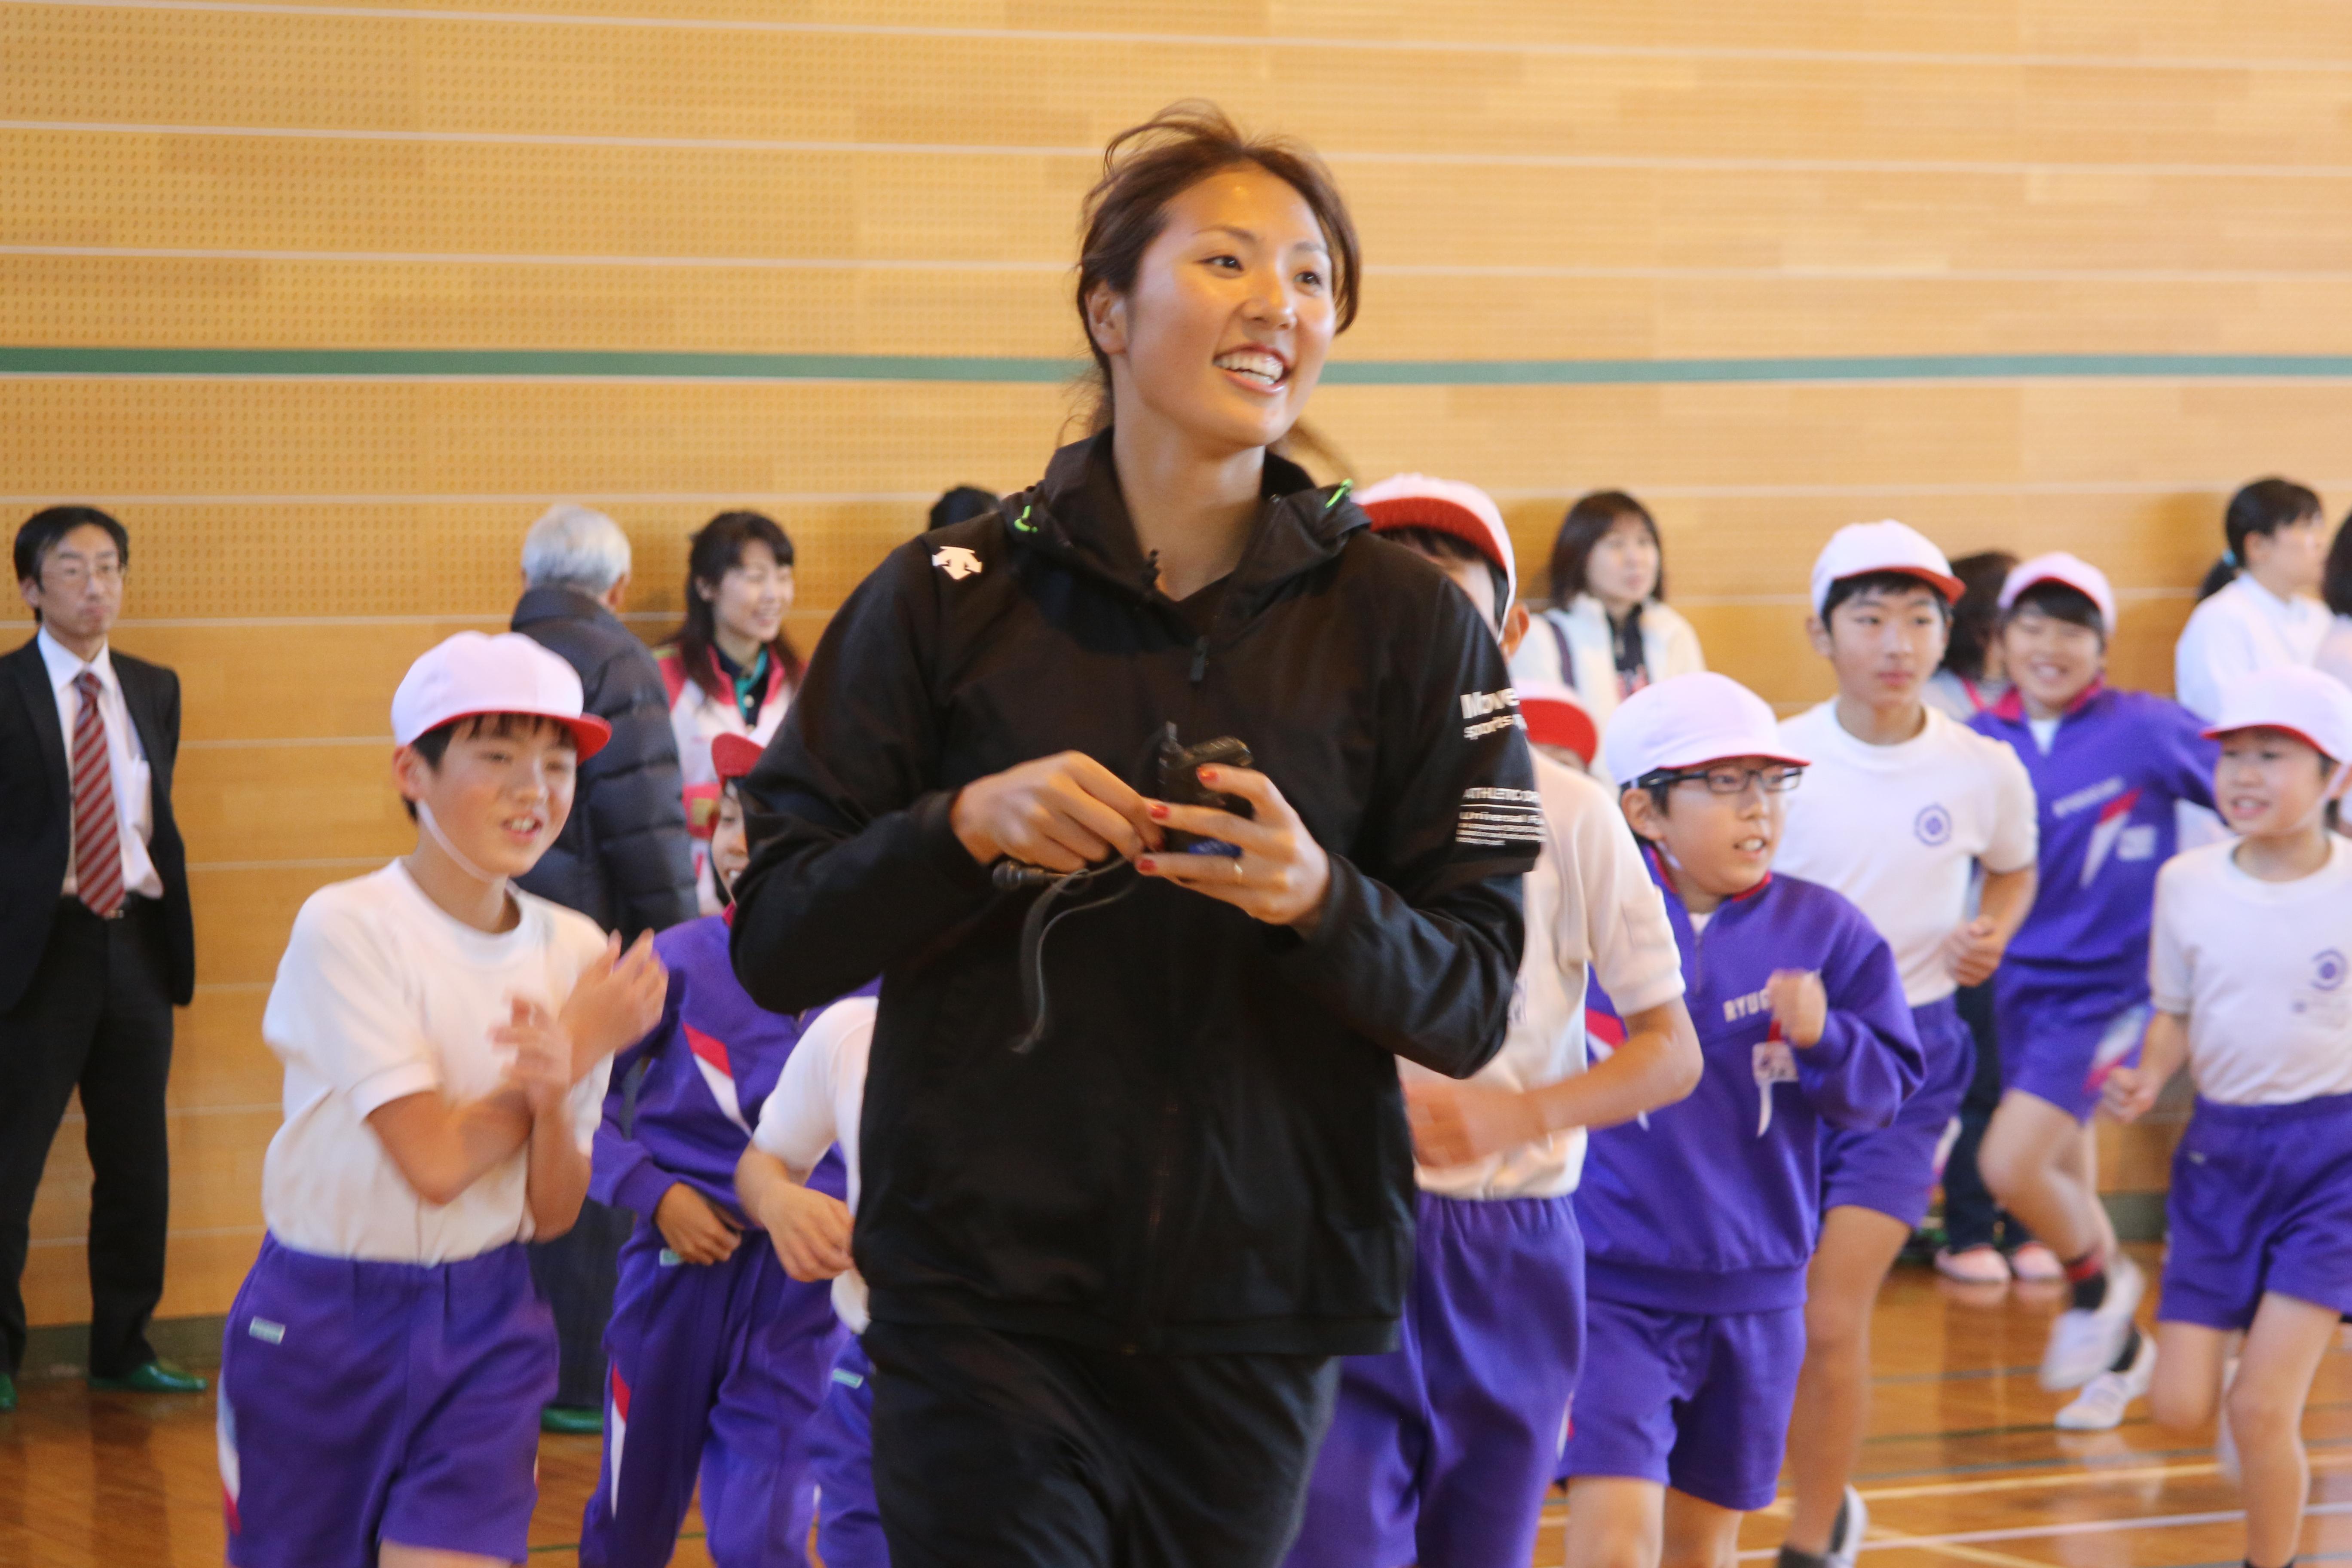 龍ヶ崎小学校バレーボール教室画像